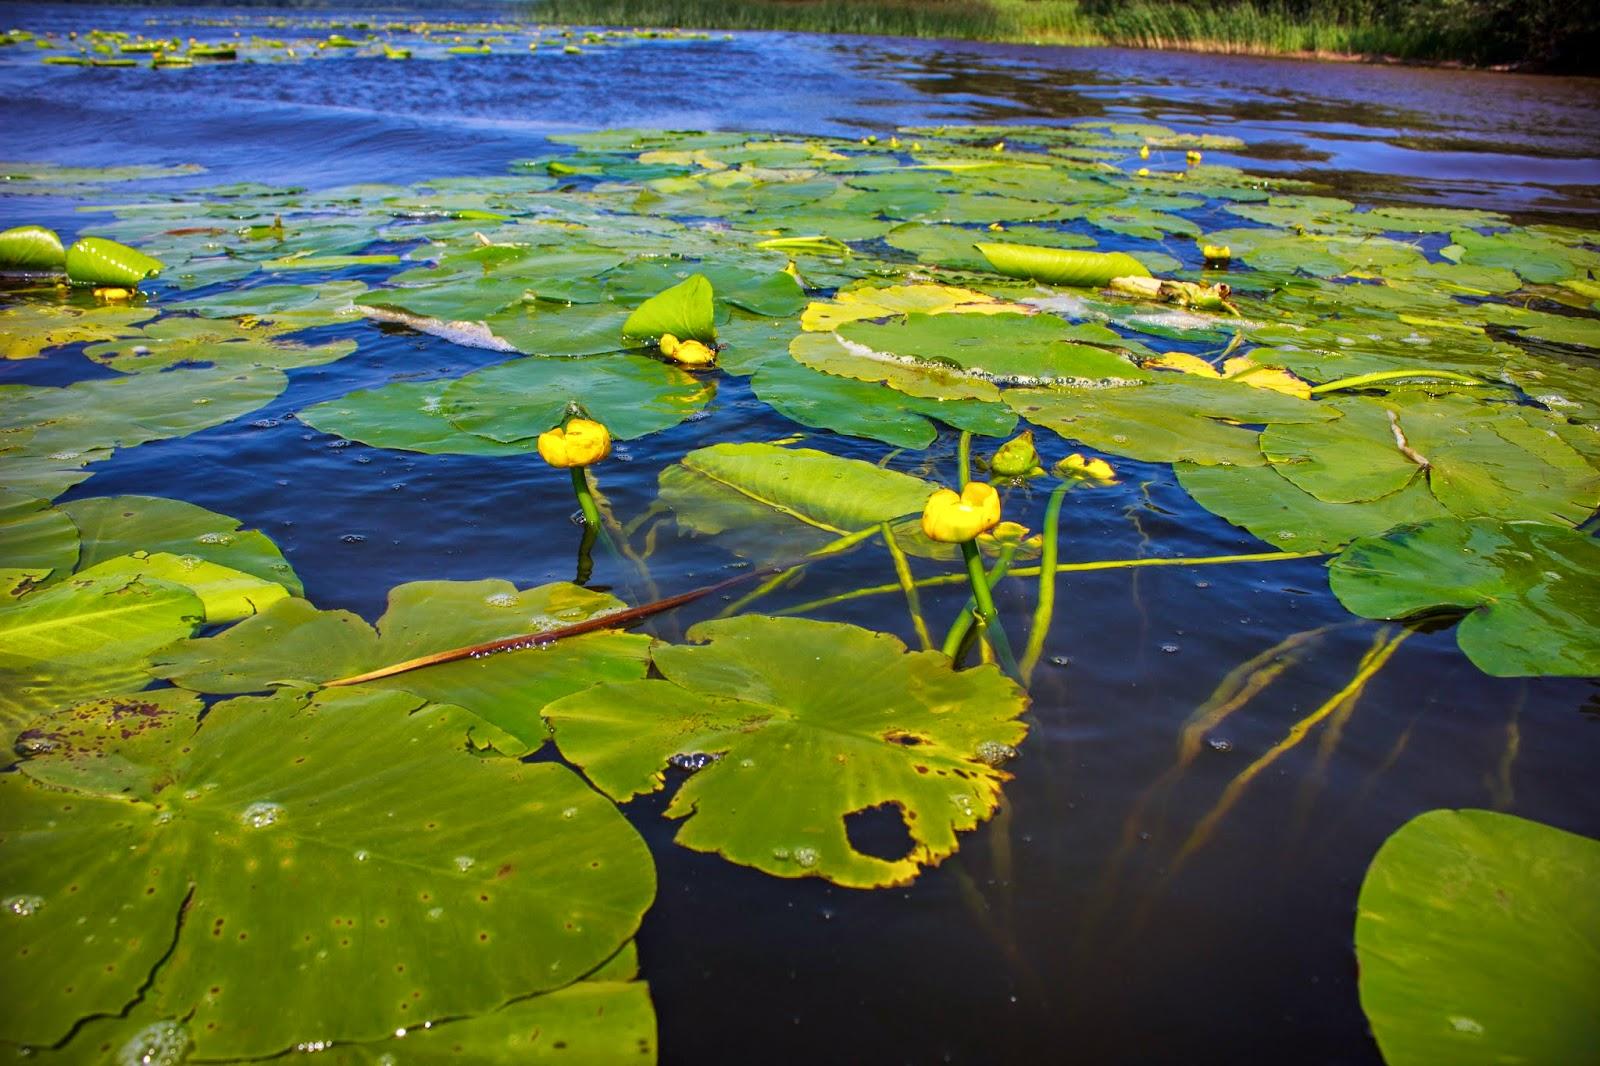 наступлении нового картинки речное растение кубышка красноярском крае распространена